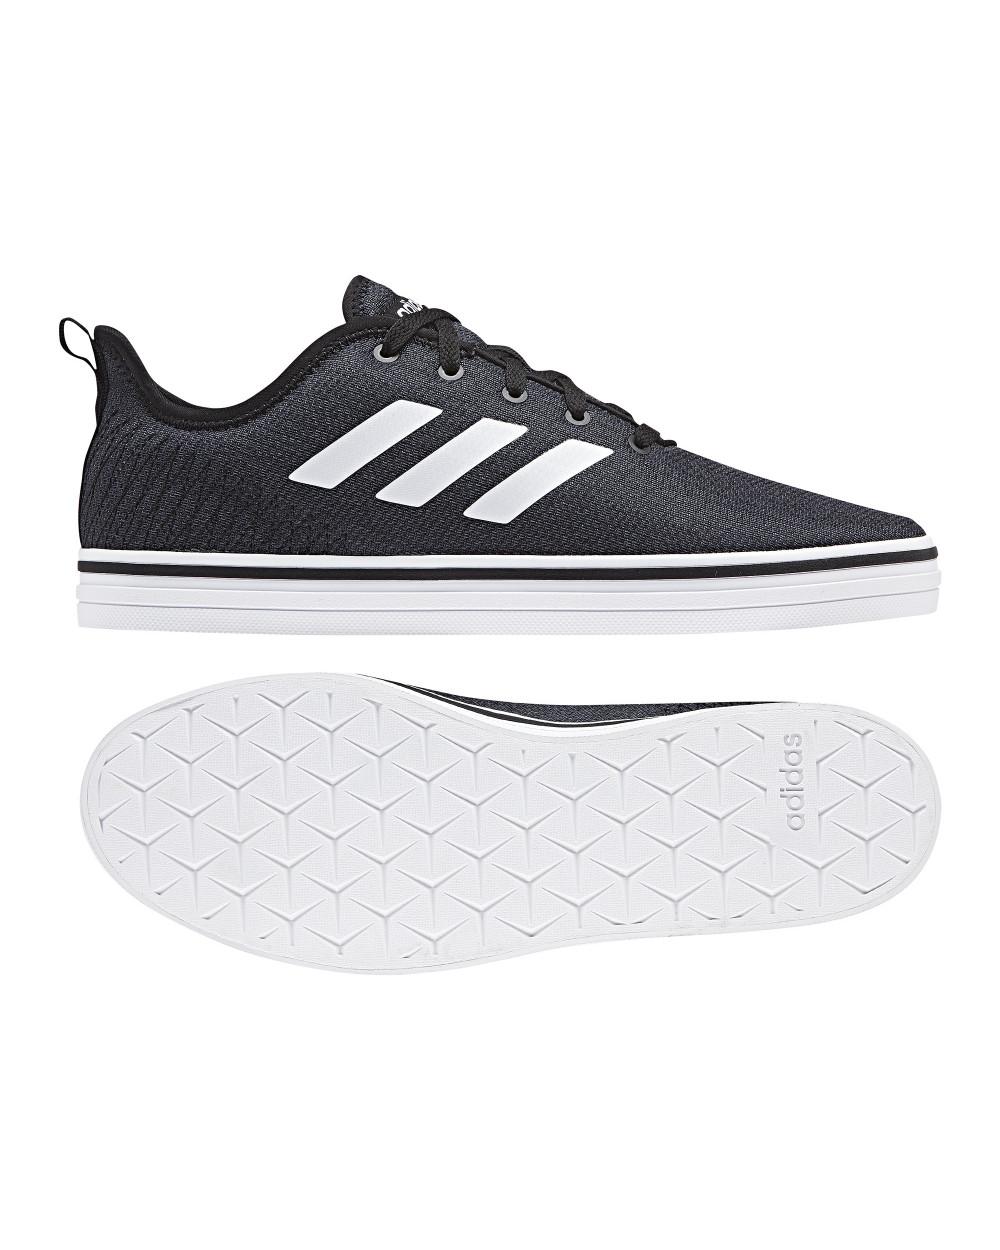 oferta zapatillas hombre adidas